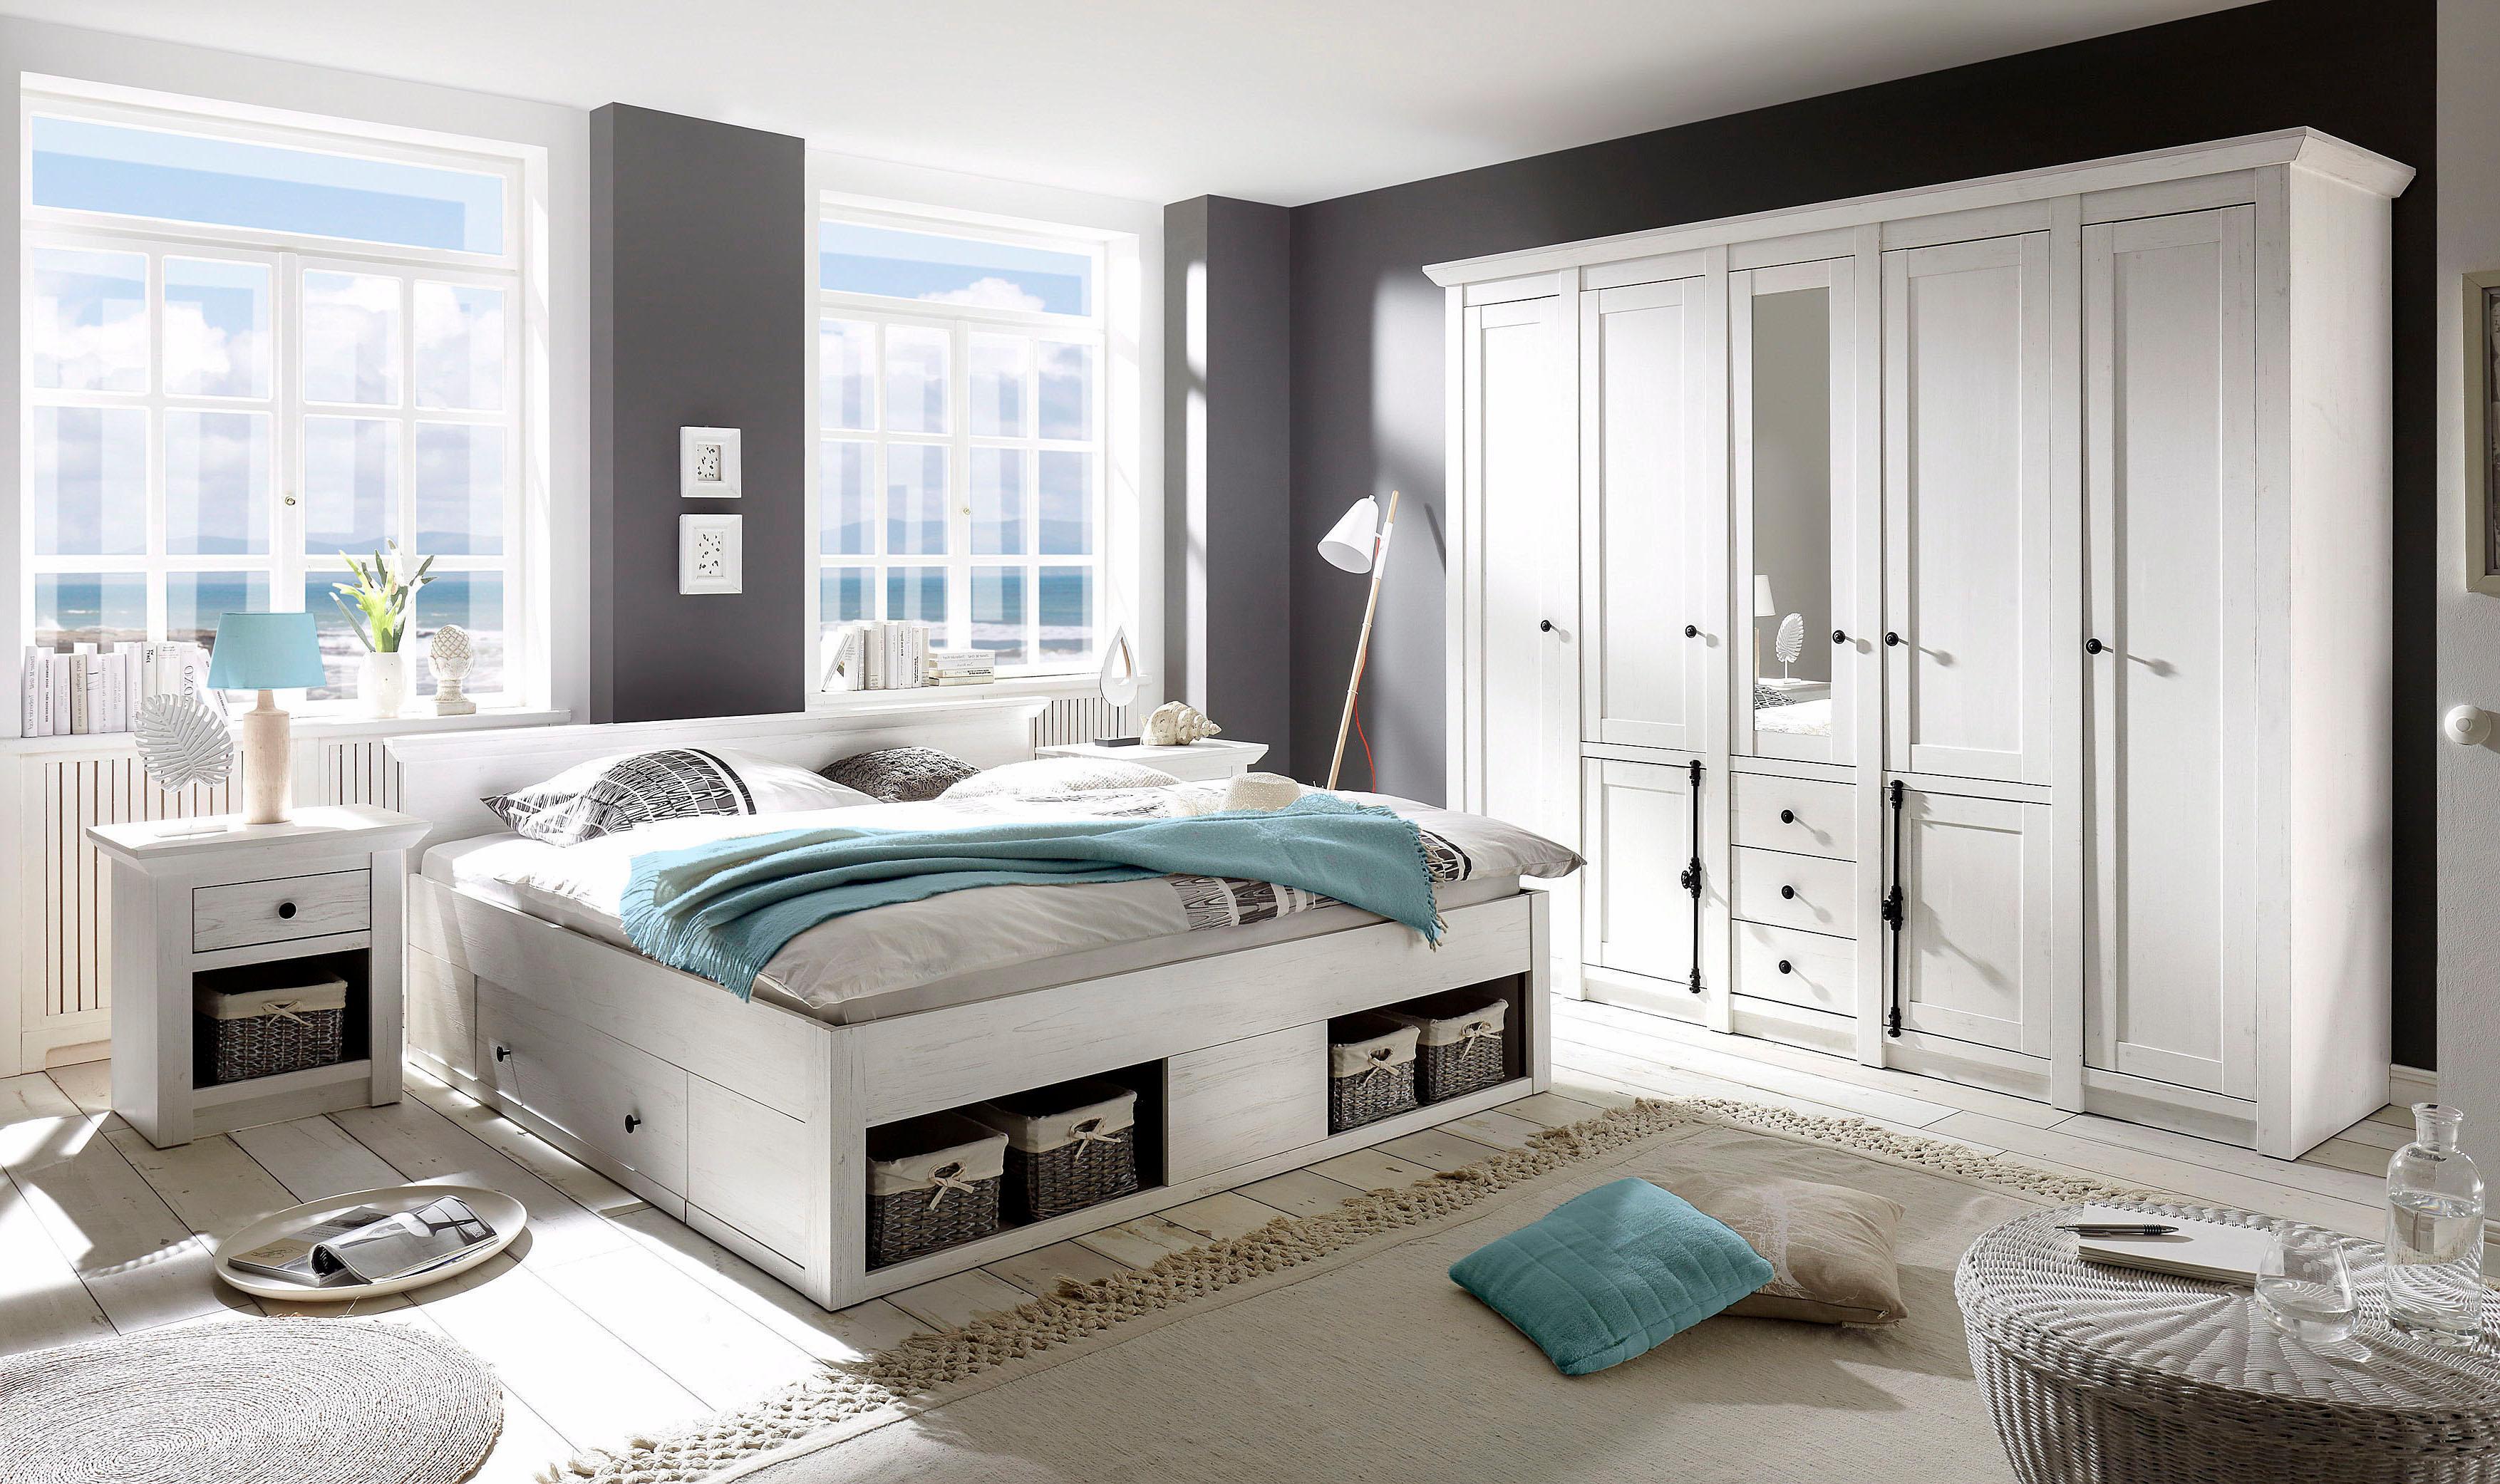 Exceptionnel Bildquelle: Schlafzimmer Set «Serie California», 4 Teilig: 1 Bett 180 Cm, 2  Nachttische, 5 Trg Kleiderschrank